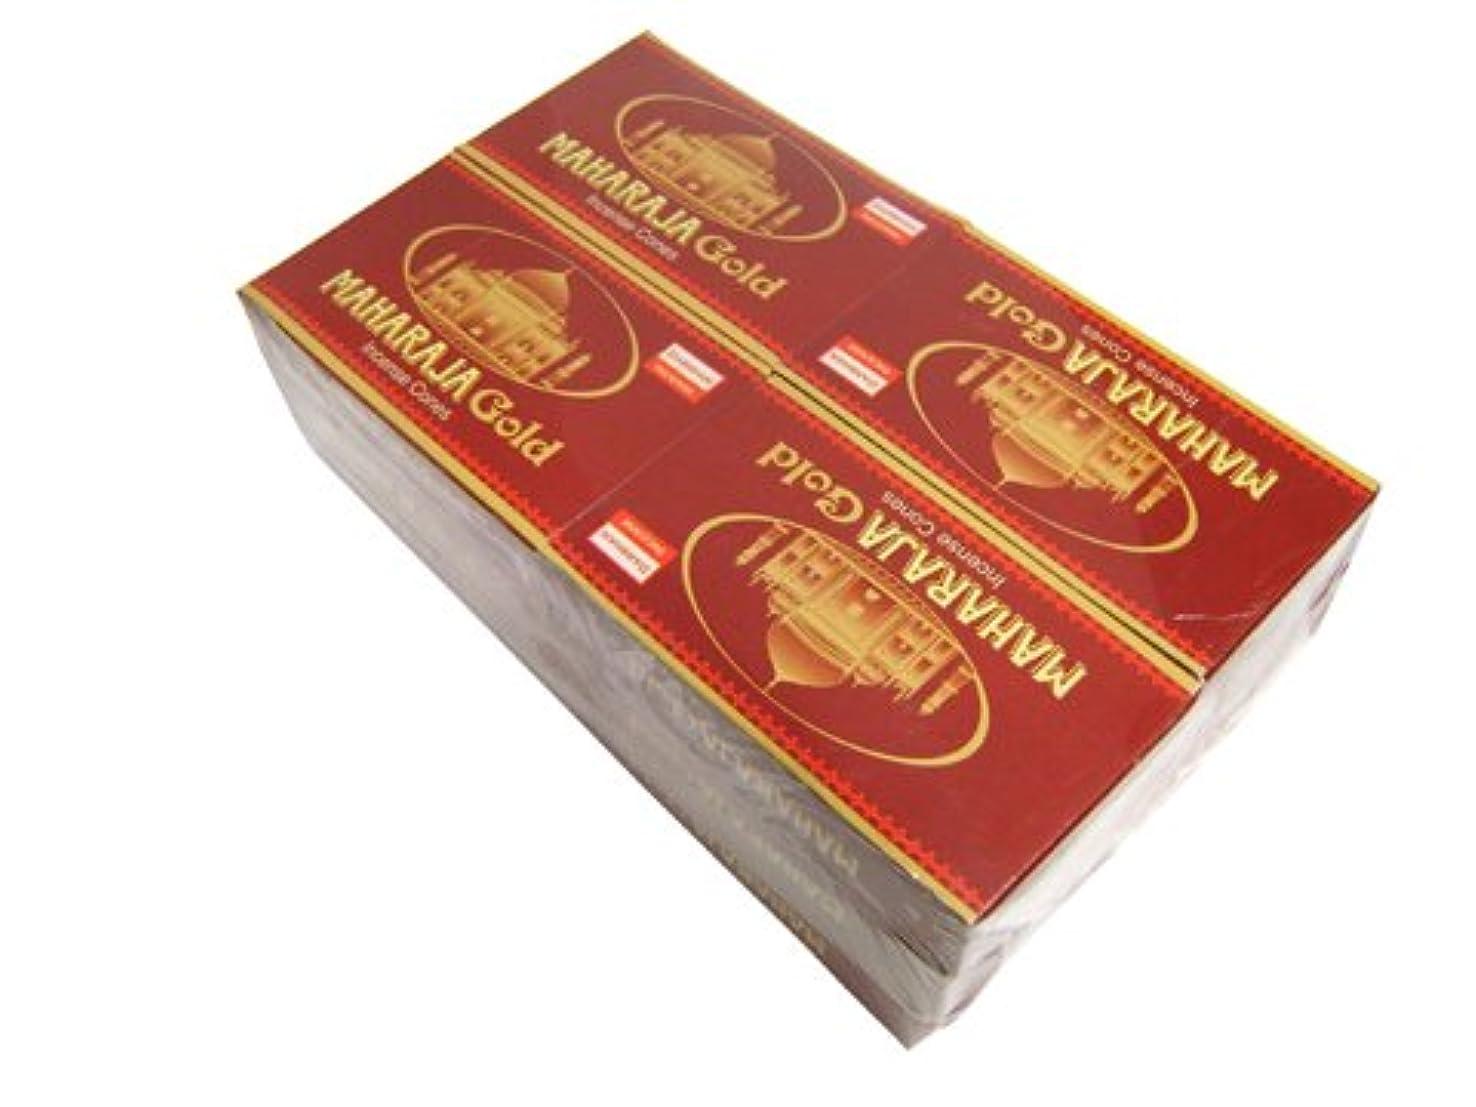 矛盾連続的消毒剤DARSHAN(ダルシャン) マハラジャゴールド香 コーンタイプ MAHARAJA GOLD CORN 12箱セット